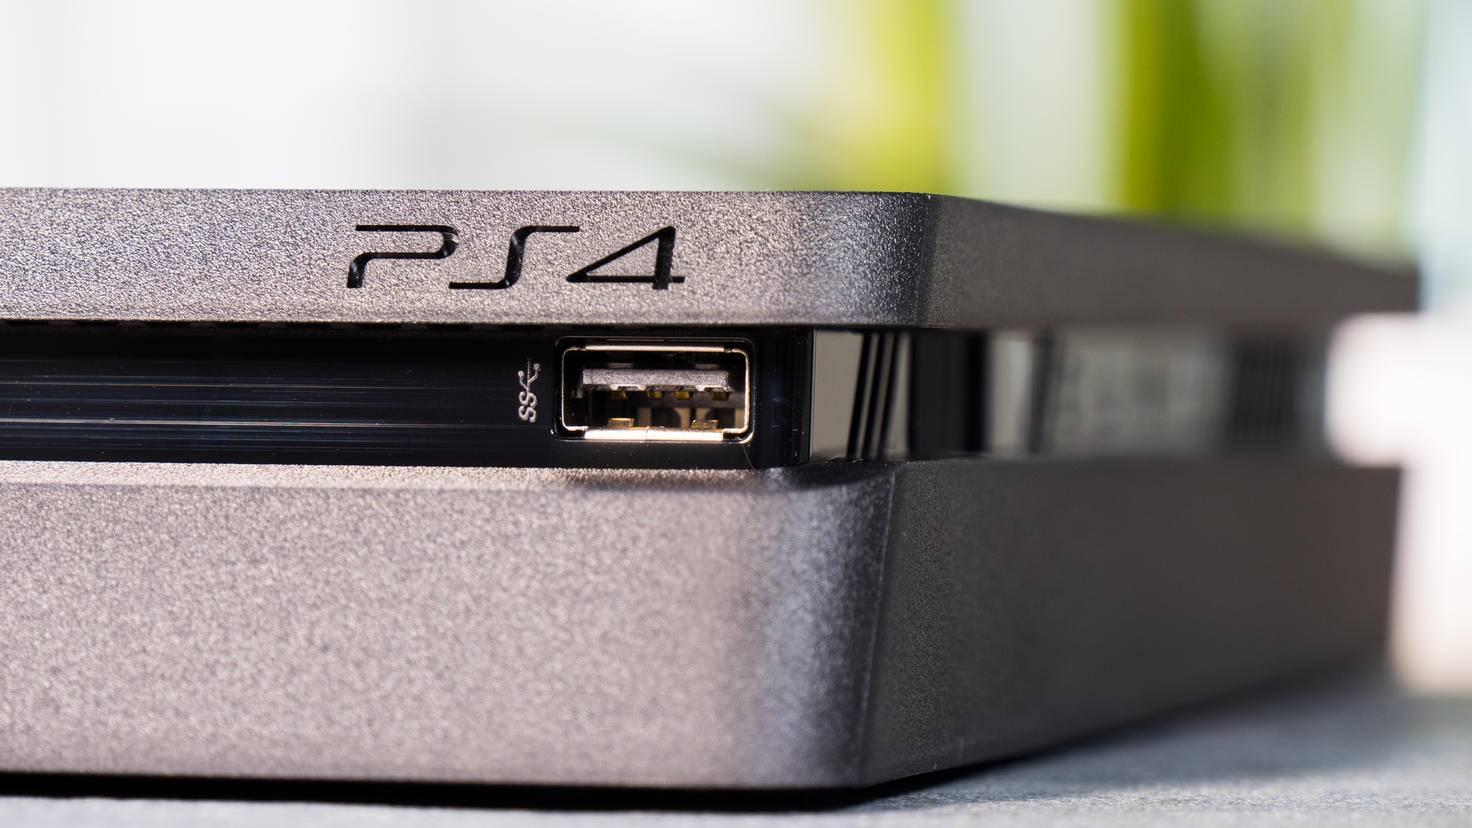 Maus und Tastur schließt Du einfach an die USB-Anschlüsse der PS4 an. Bei Platzmangel hilft ein USB-Hub.